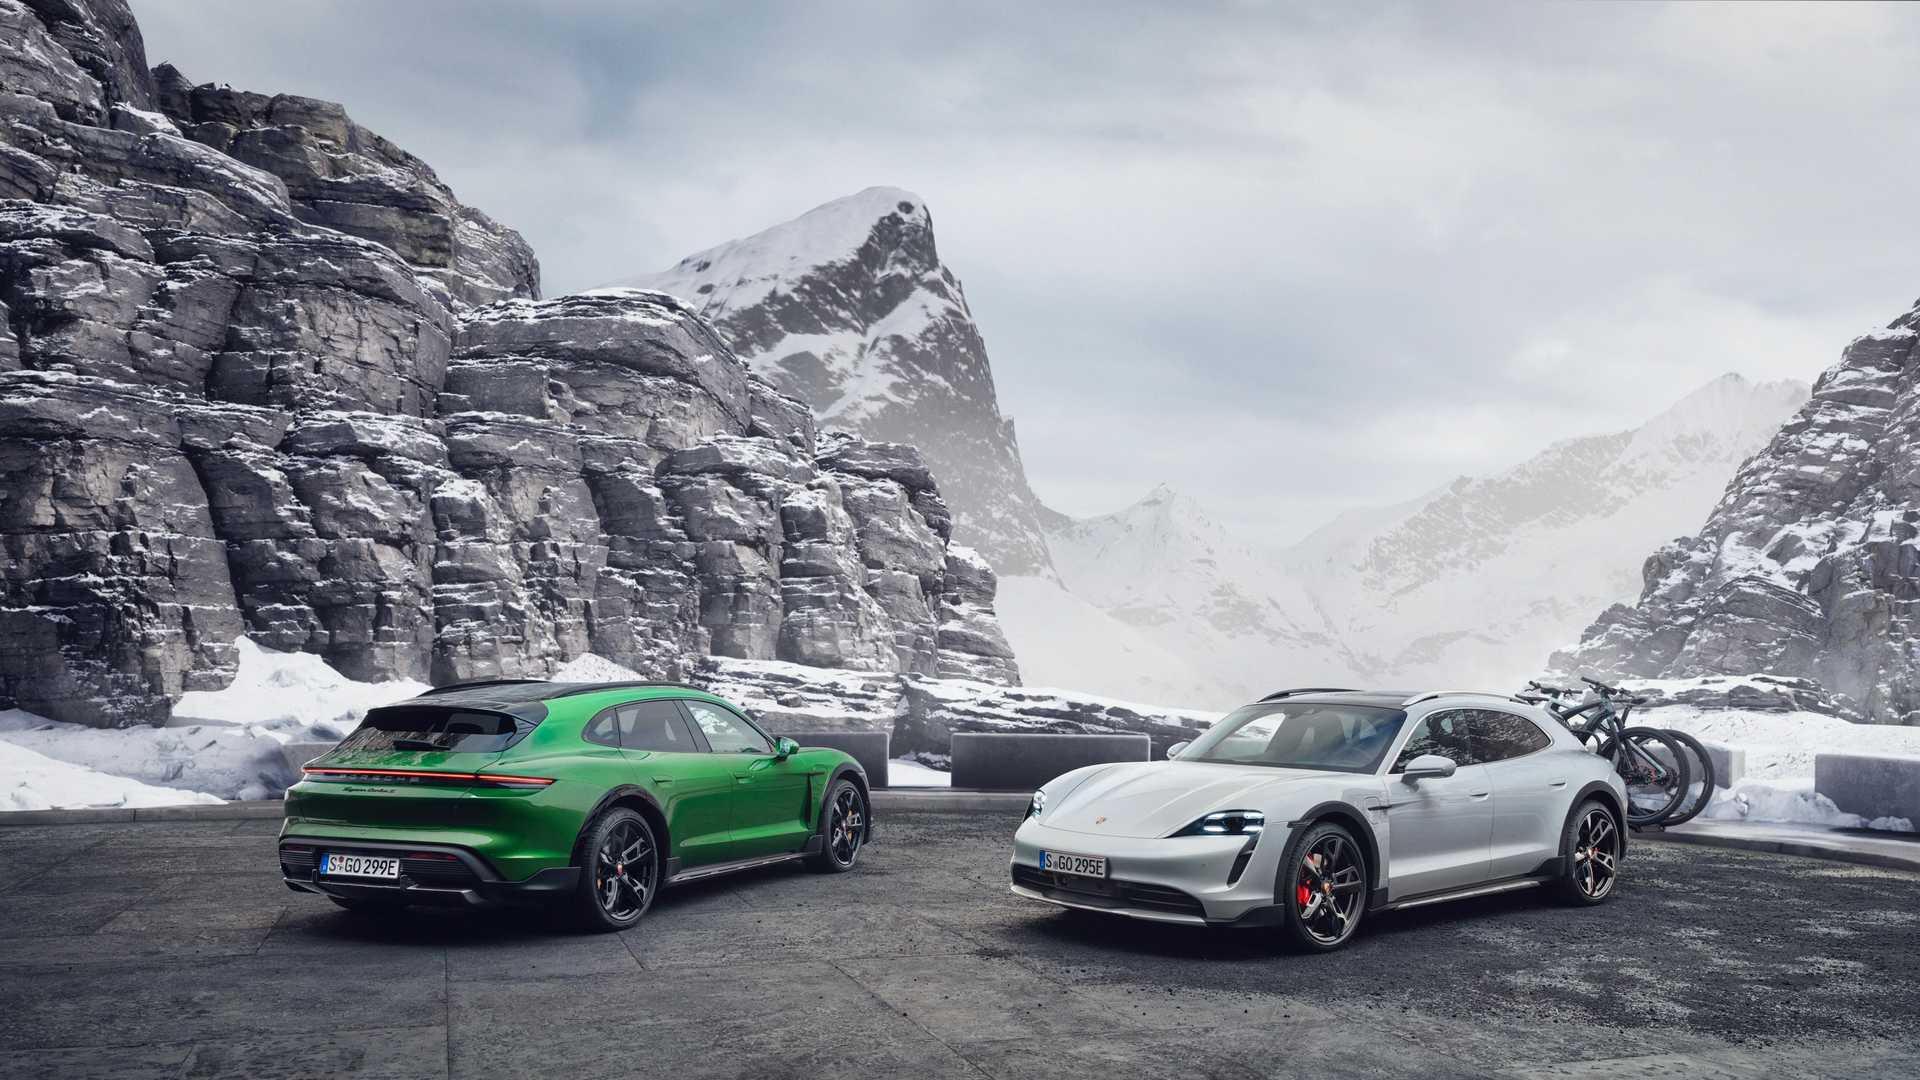 El sucesor del Porsche 918 Spyder no llegará antes de 2025